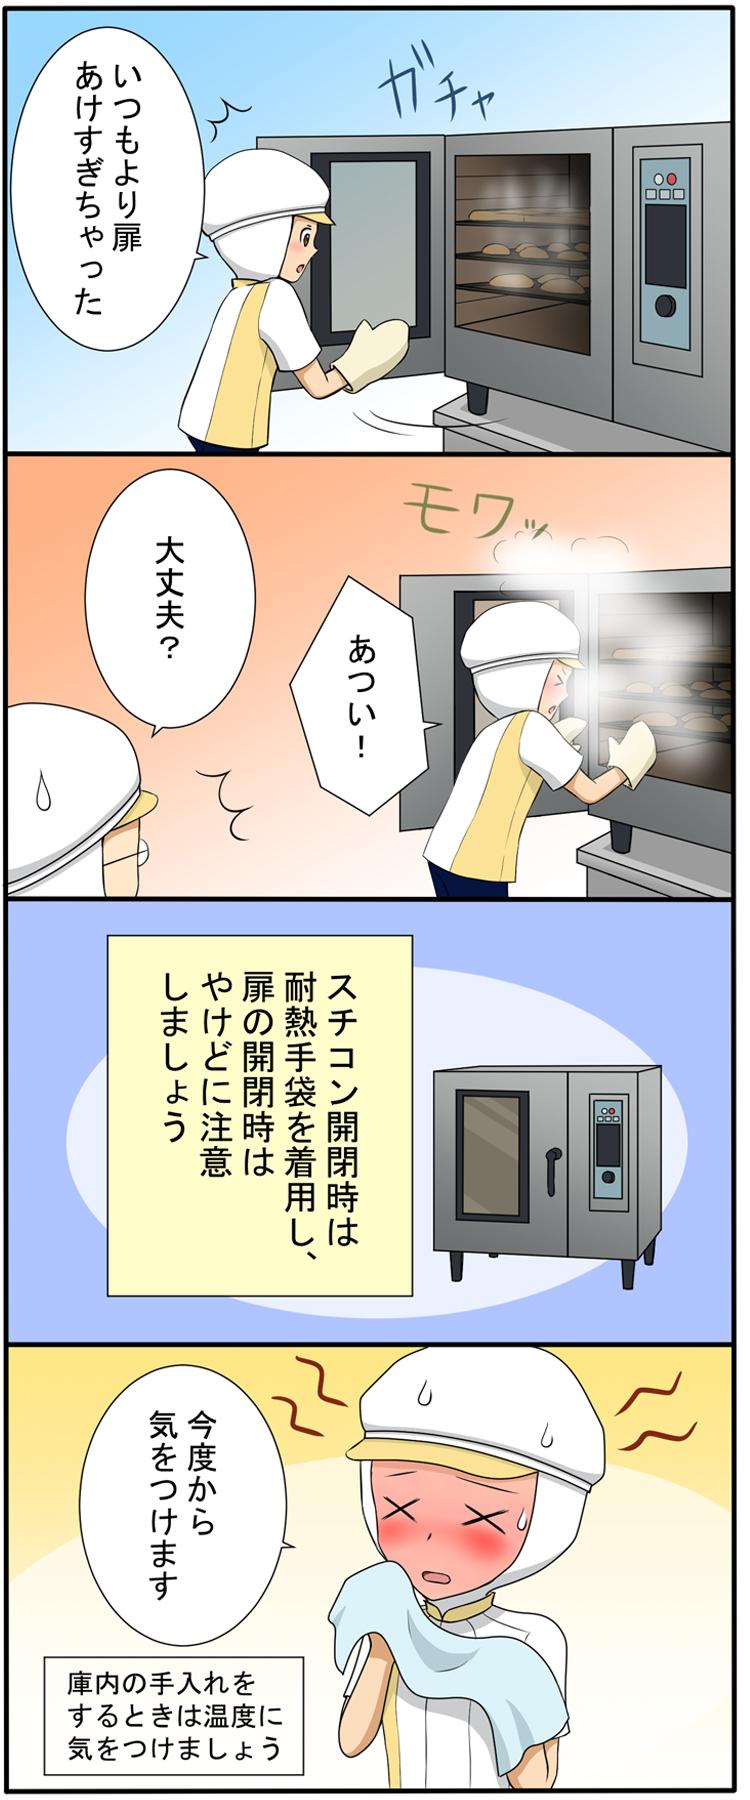 第11話「熱風」